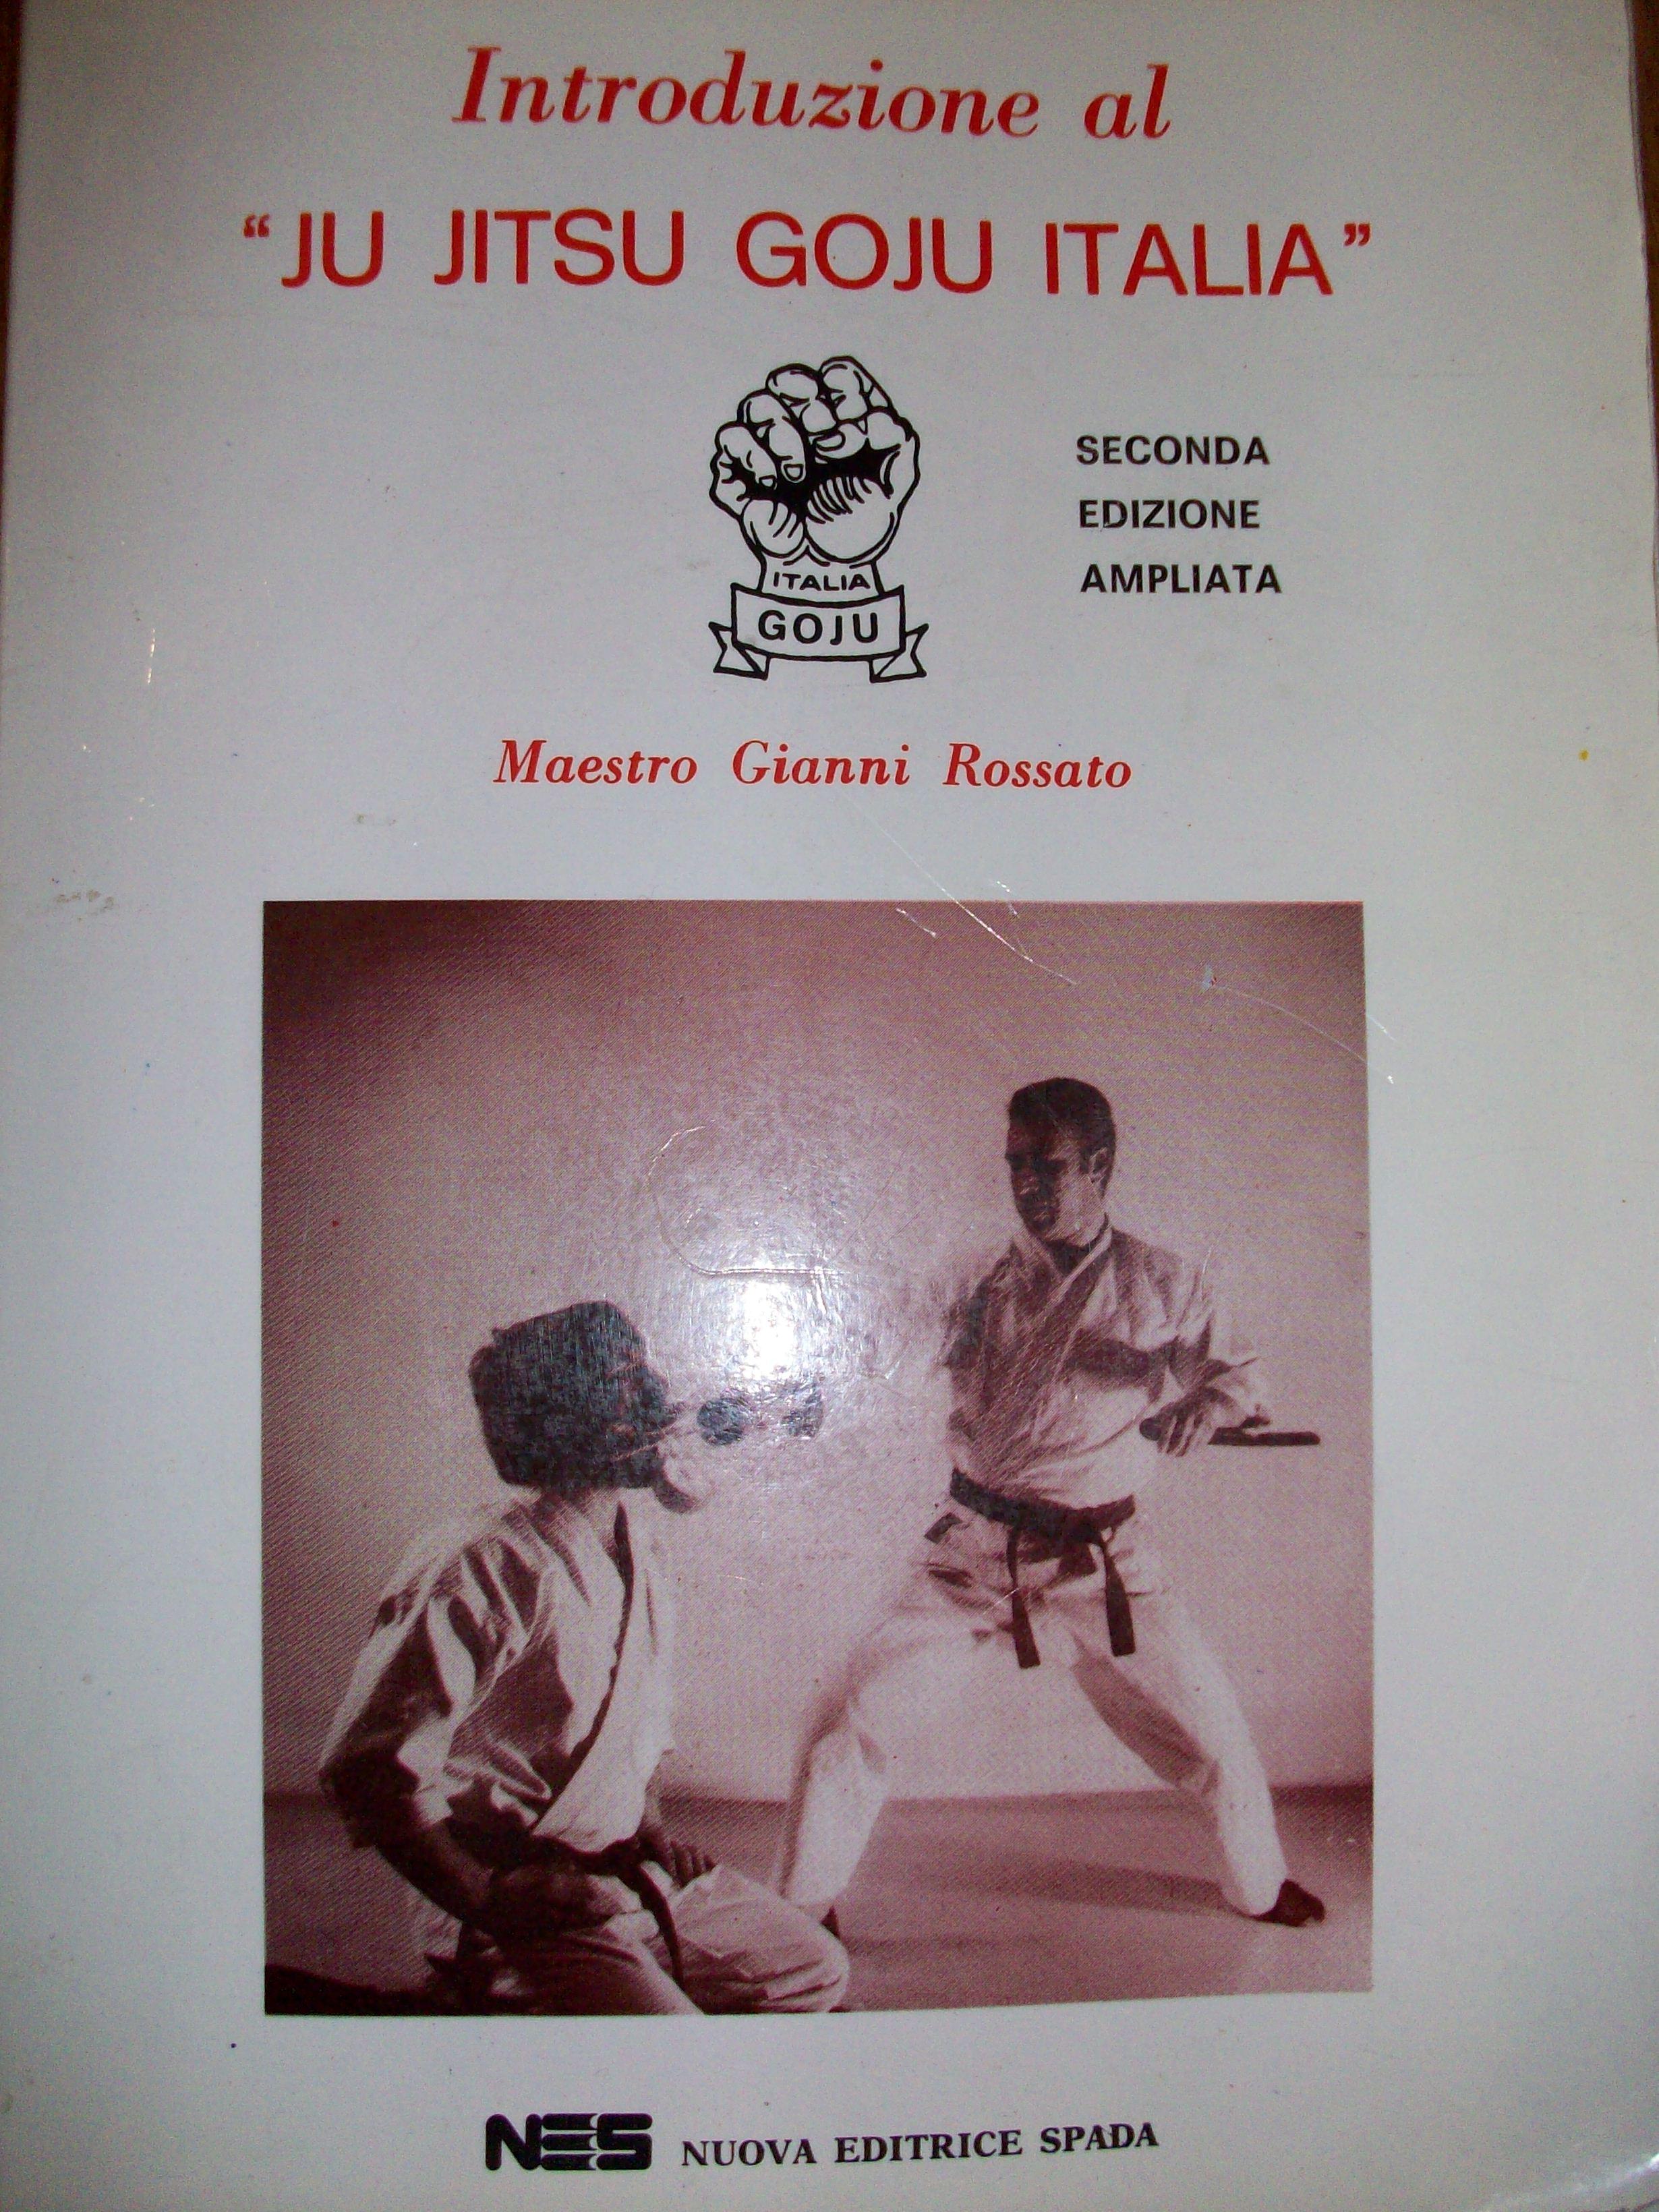 Introduzione al «Ju jitsu goju Italia»